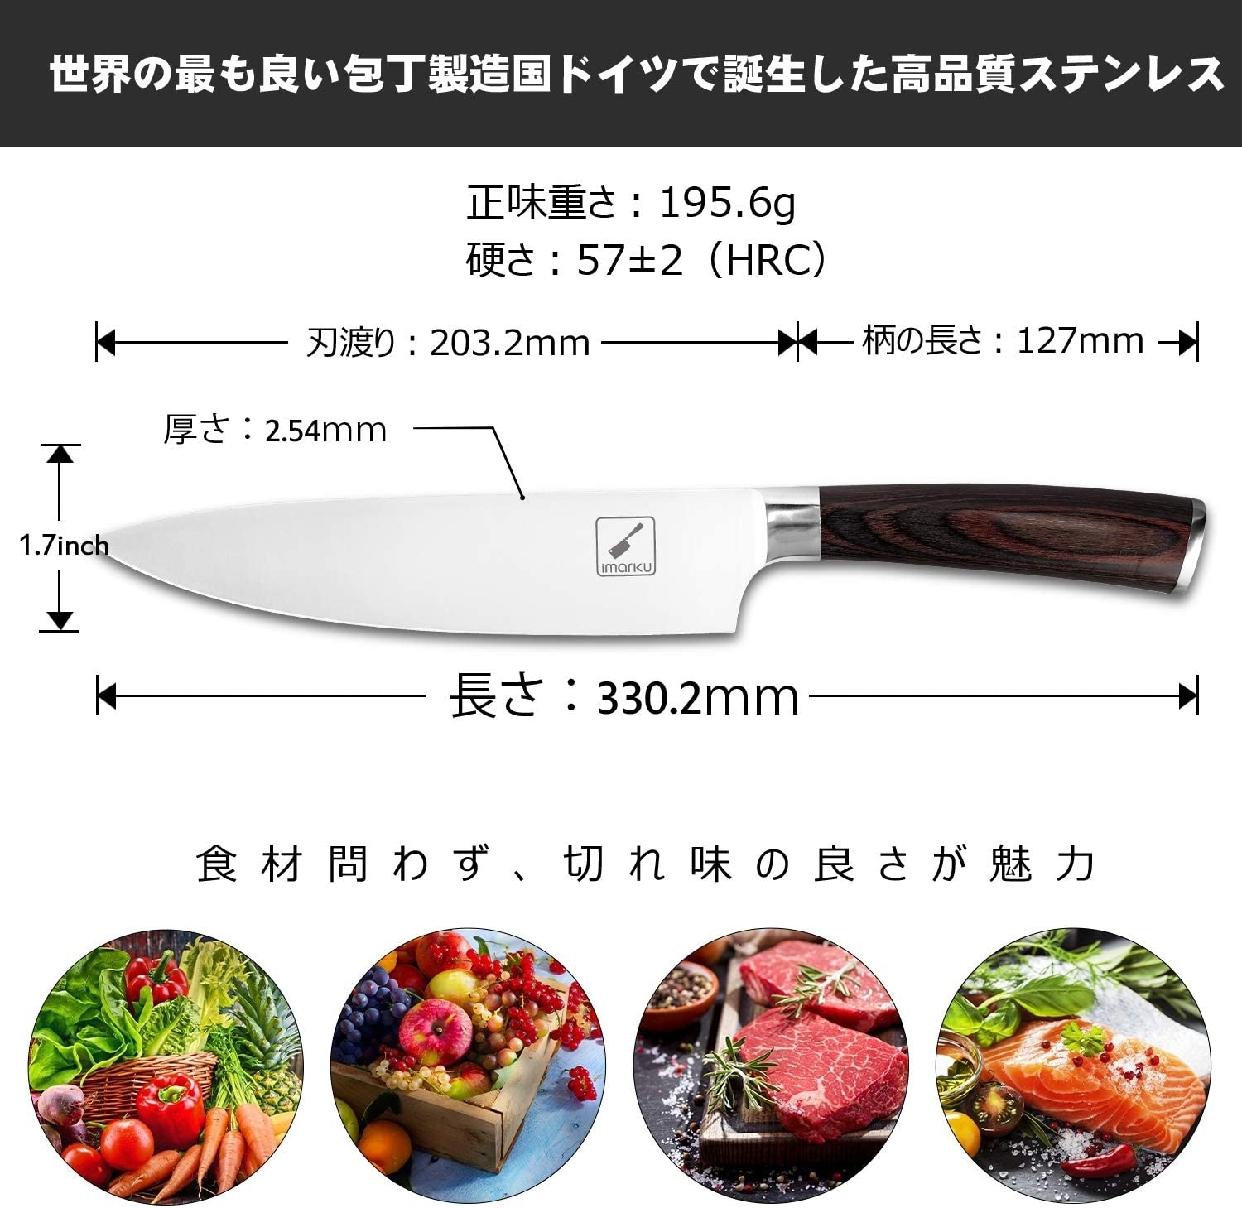 imarku(イマルク) シェフナイフ 203mmの商品画像4